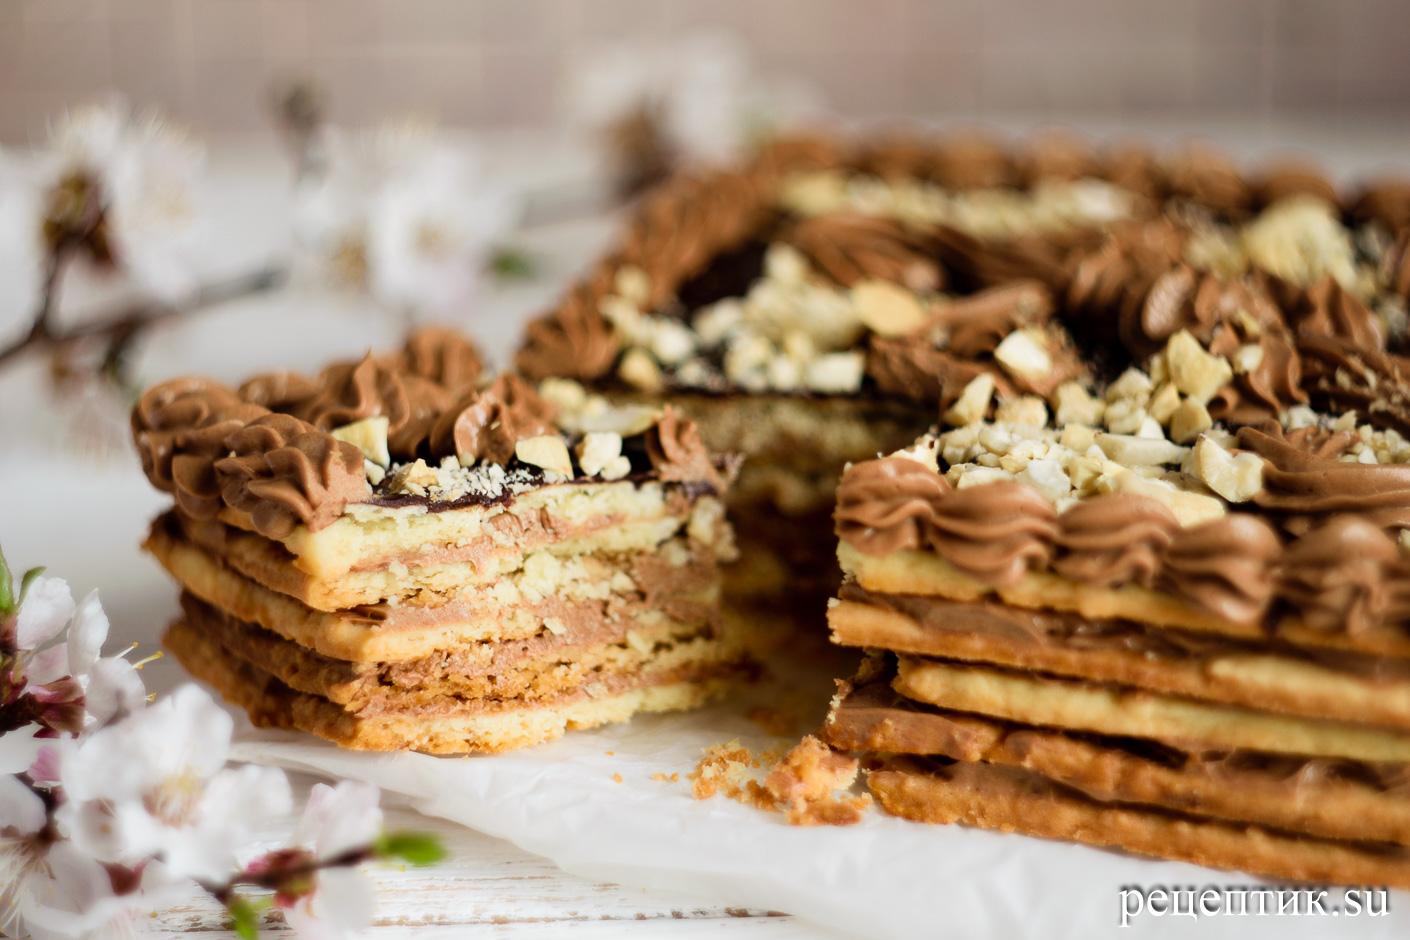 Торт «Ленинградский» — песочный торт с шоколадным масляным кремом - рецепт с фото, результат